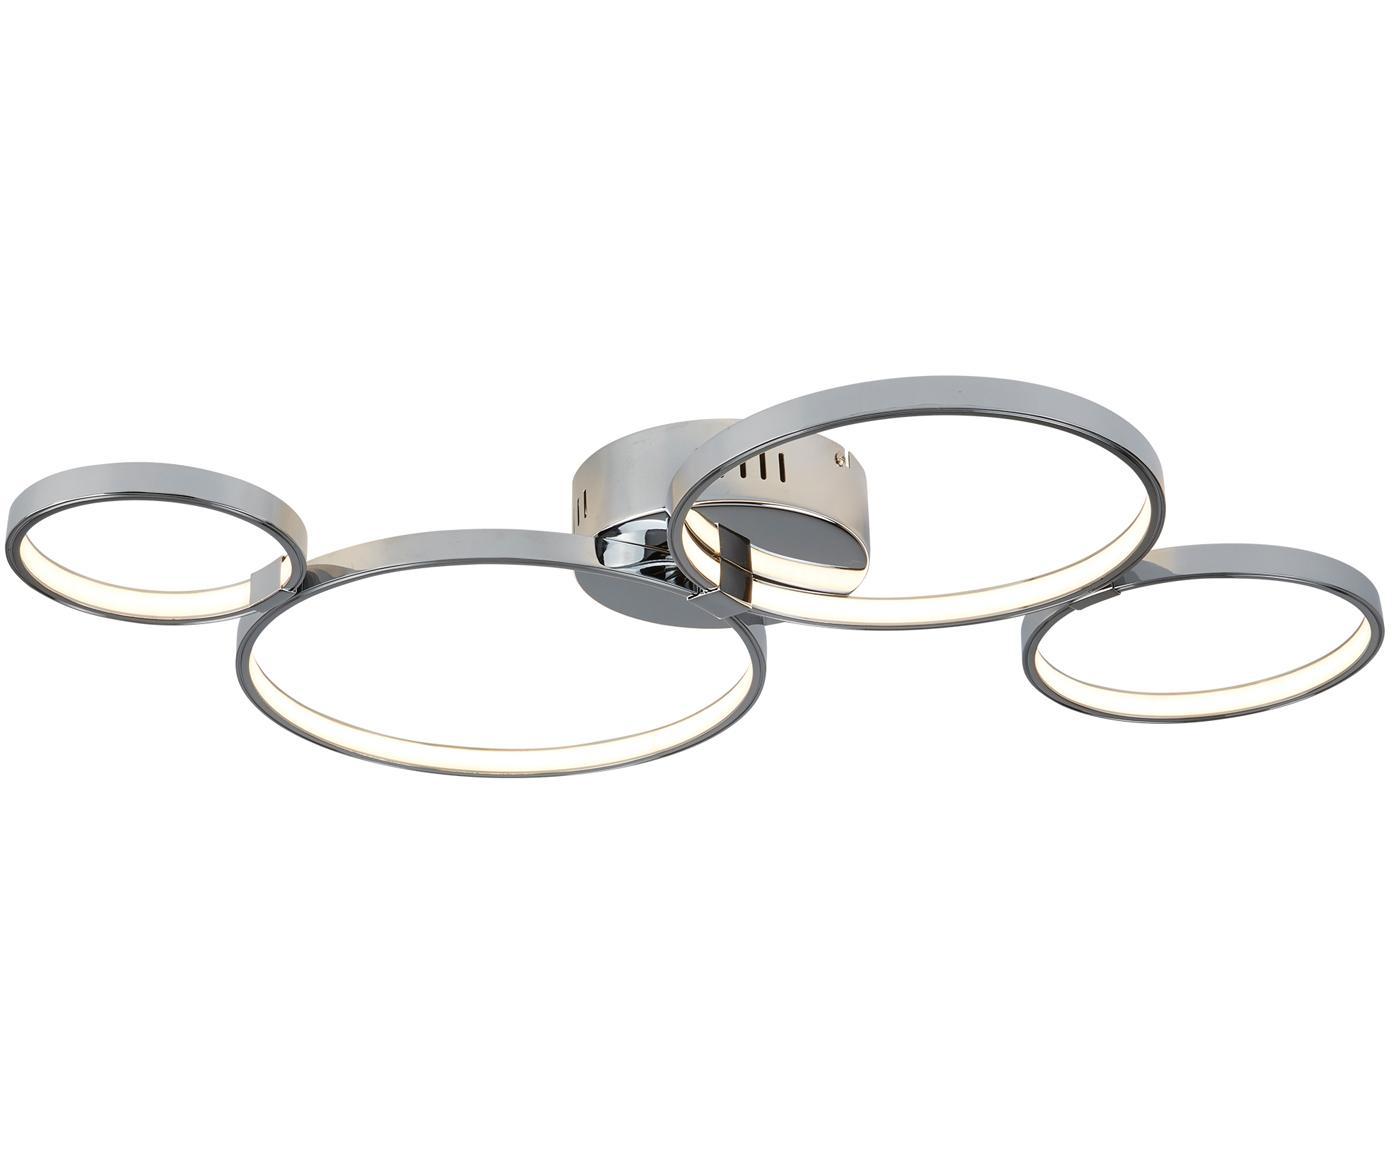 LED plafondlamp Solexa, Verchroomd metaal, Chroomkleurig, 75 x 7 cm